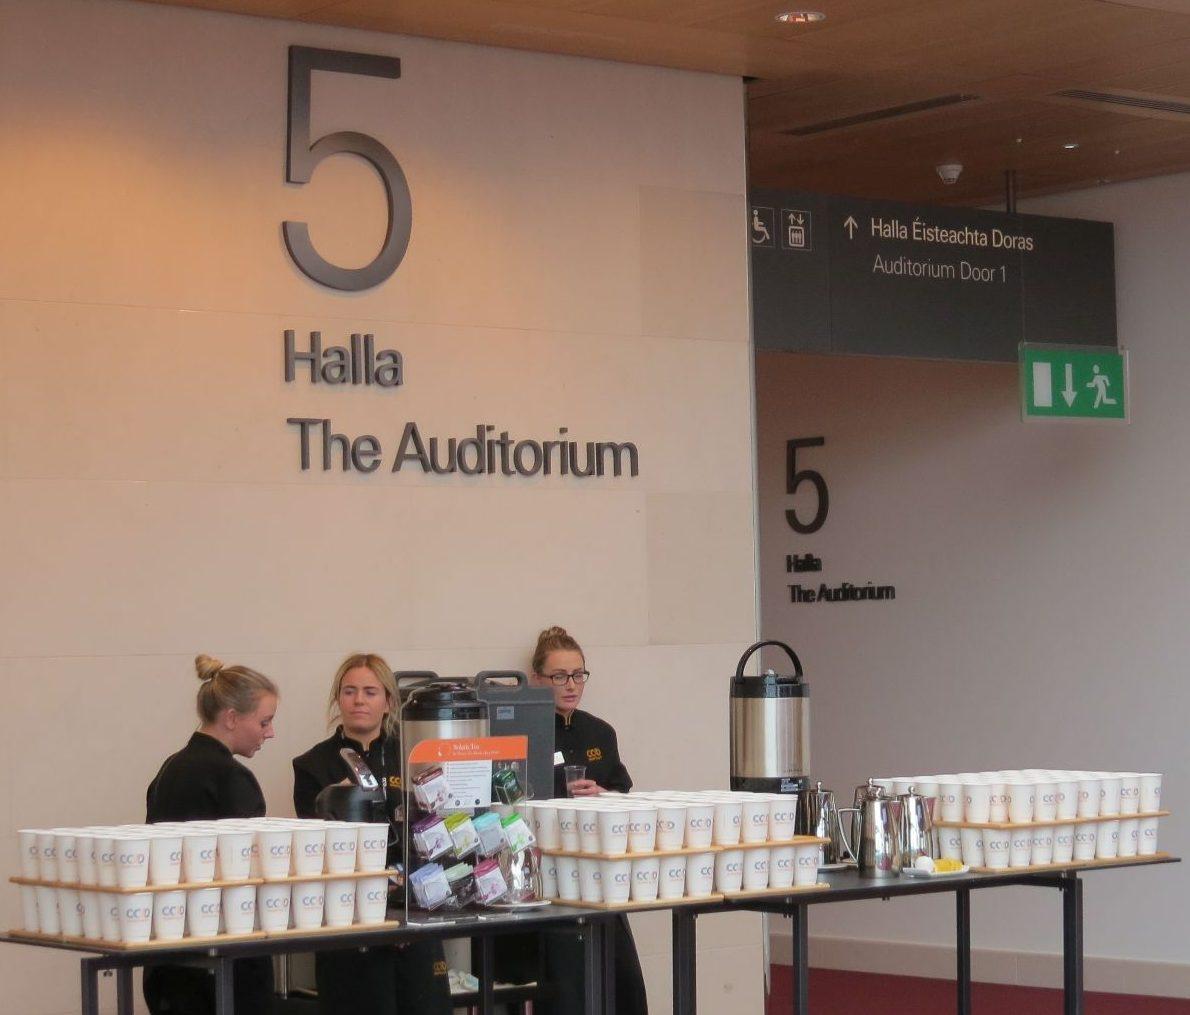 Doppelstöckige Kaffeebecher – effizientes Catering ersparte den Besuchern lange Wartezeiten. (Foto: © WiSiTiA/aw)